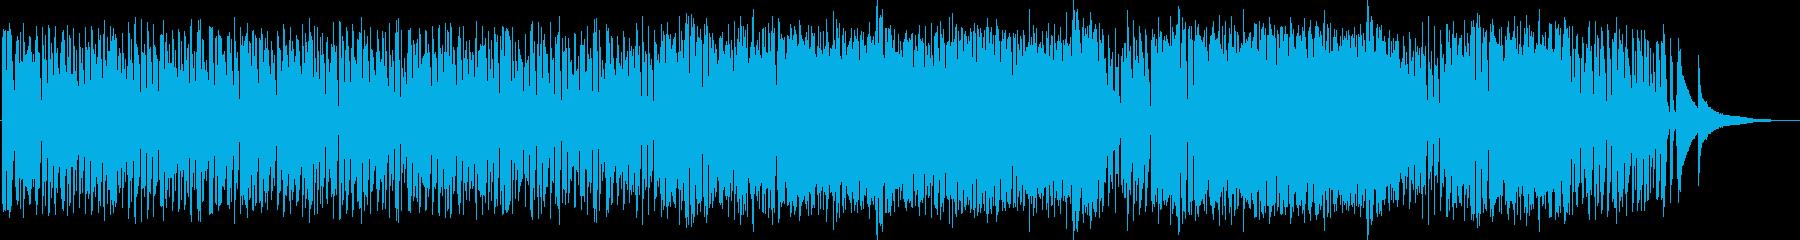 ノスタルジックなジプシージャズイン...の再生済みの波形